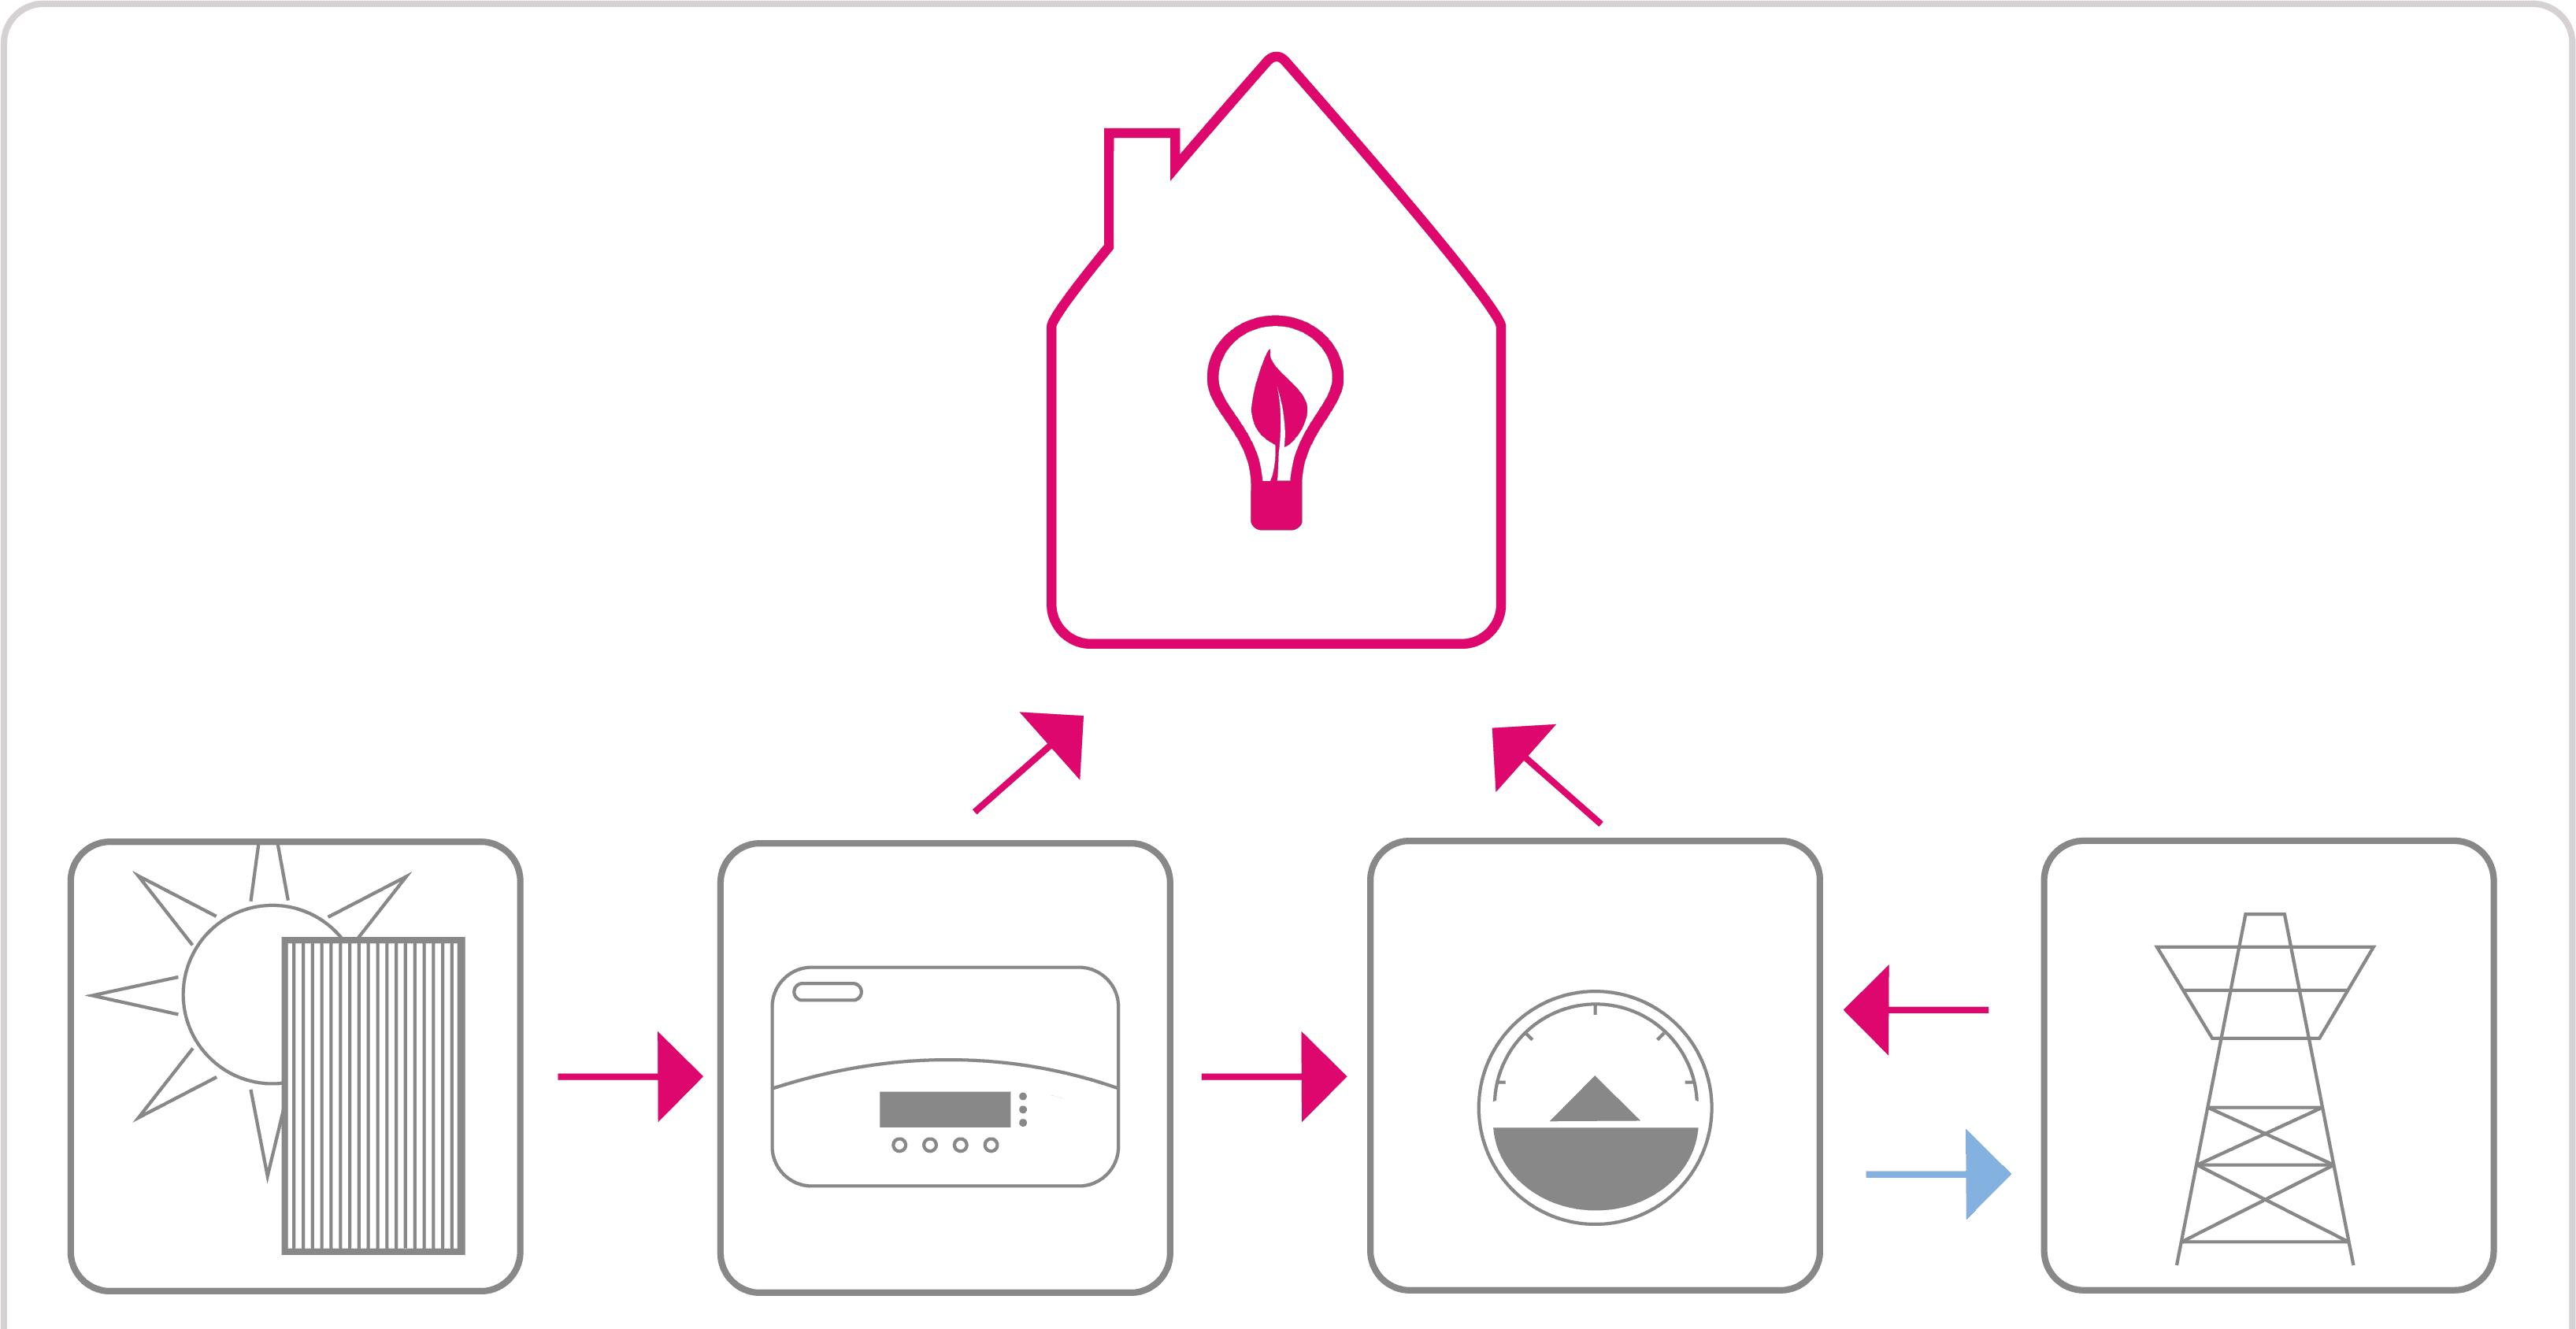 Energie terugleveren aan het elektriciteitsnet